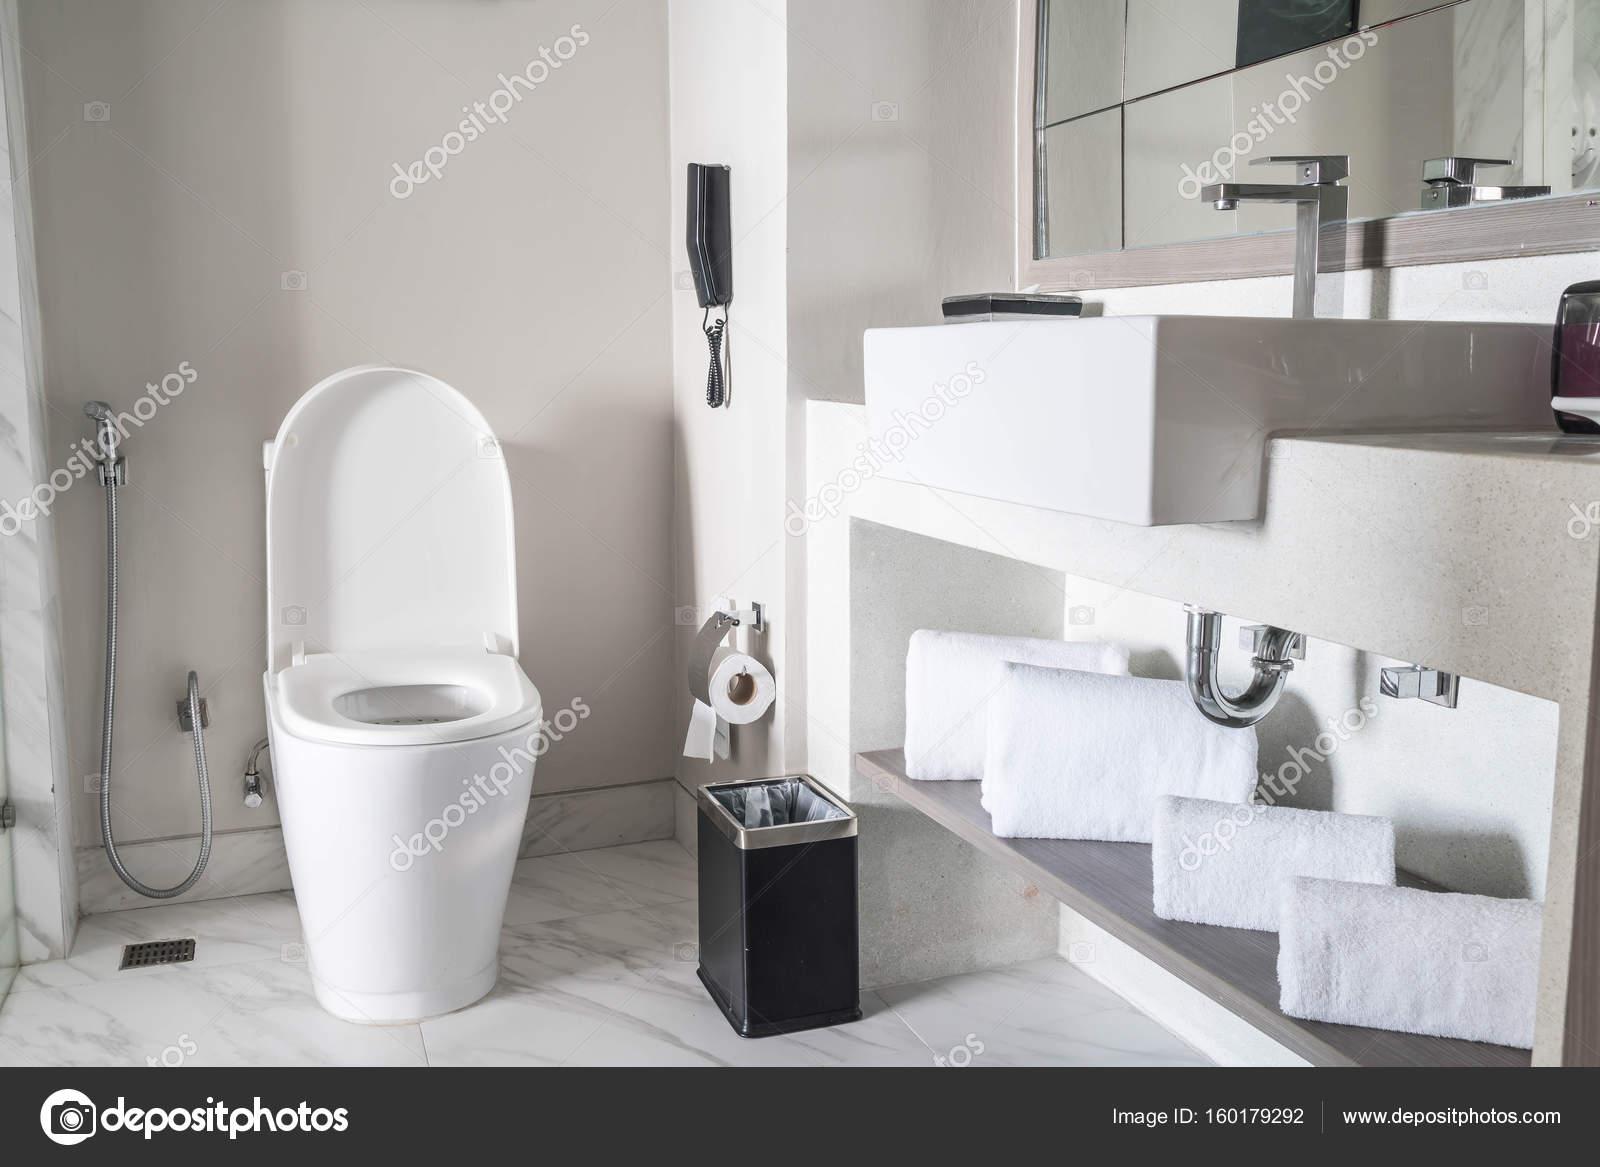 WC Sitz Dekoration im Badezimmer Interieur — Stockfoto © topntp ...